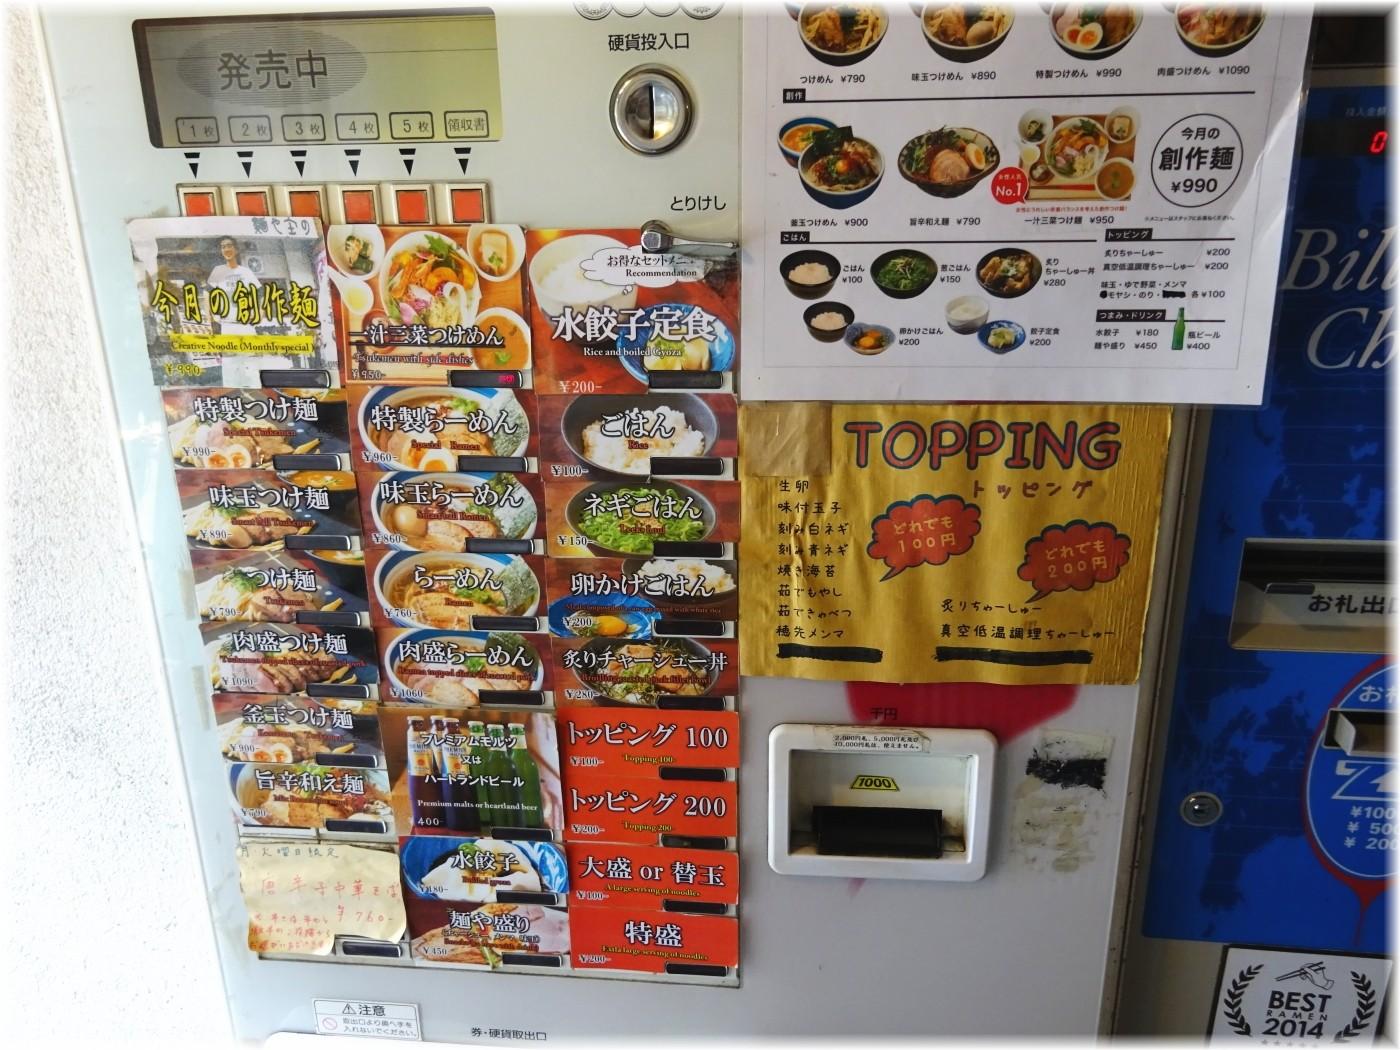 麺や庄の 食券機